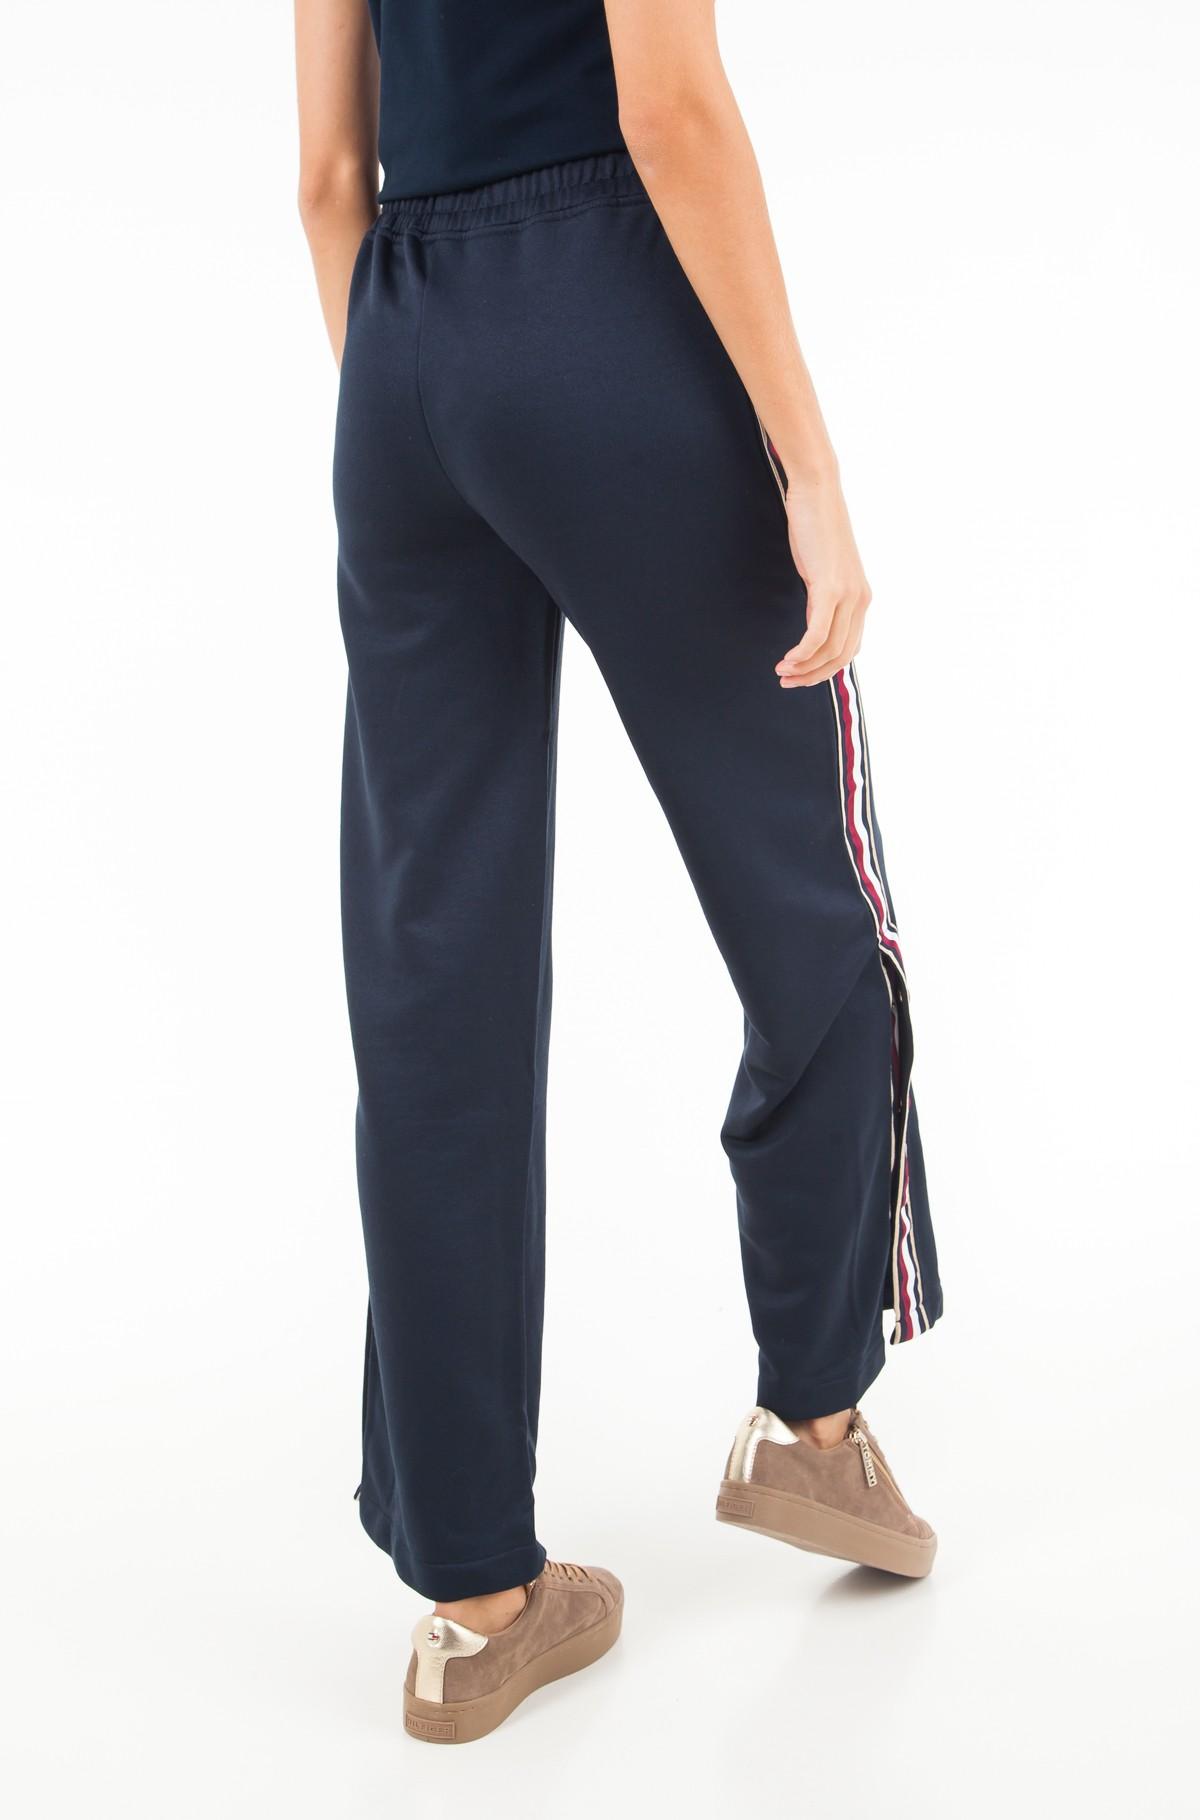 Sportinės kelnės ICON SWEAT PANT-full-2